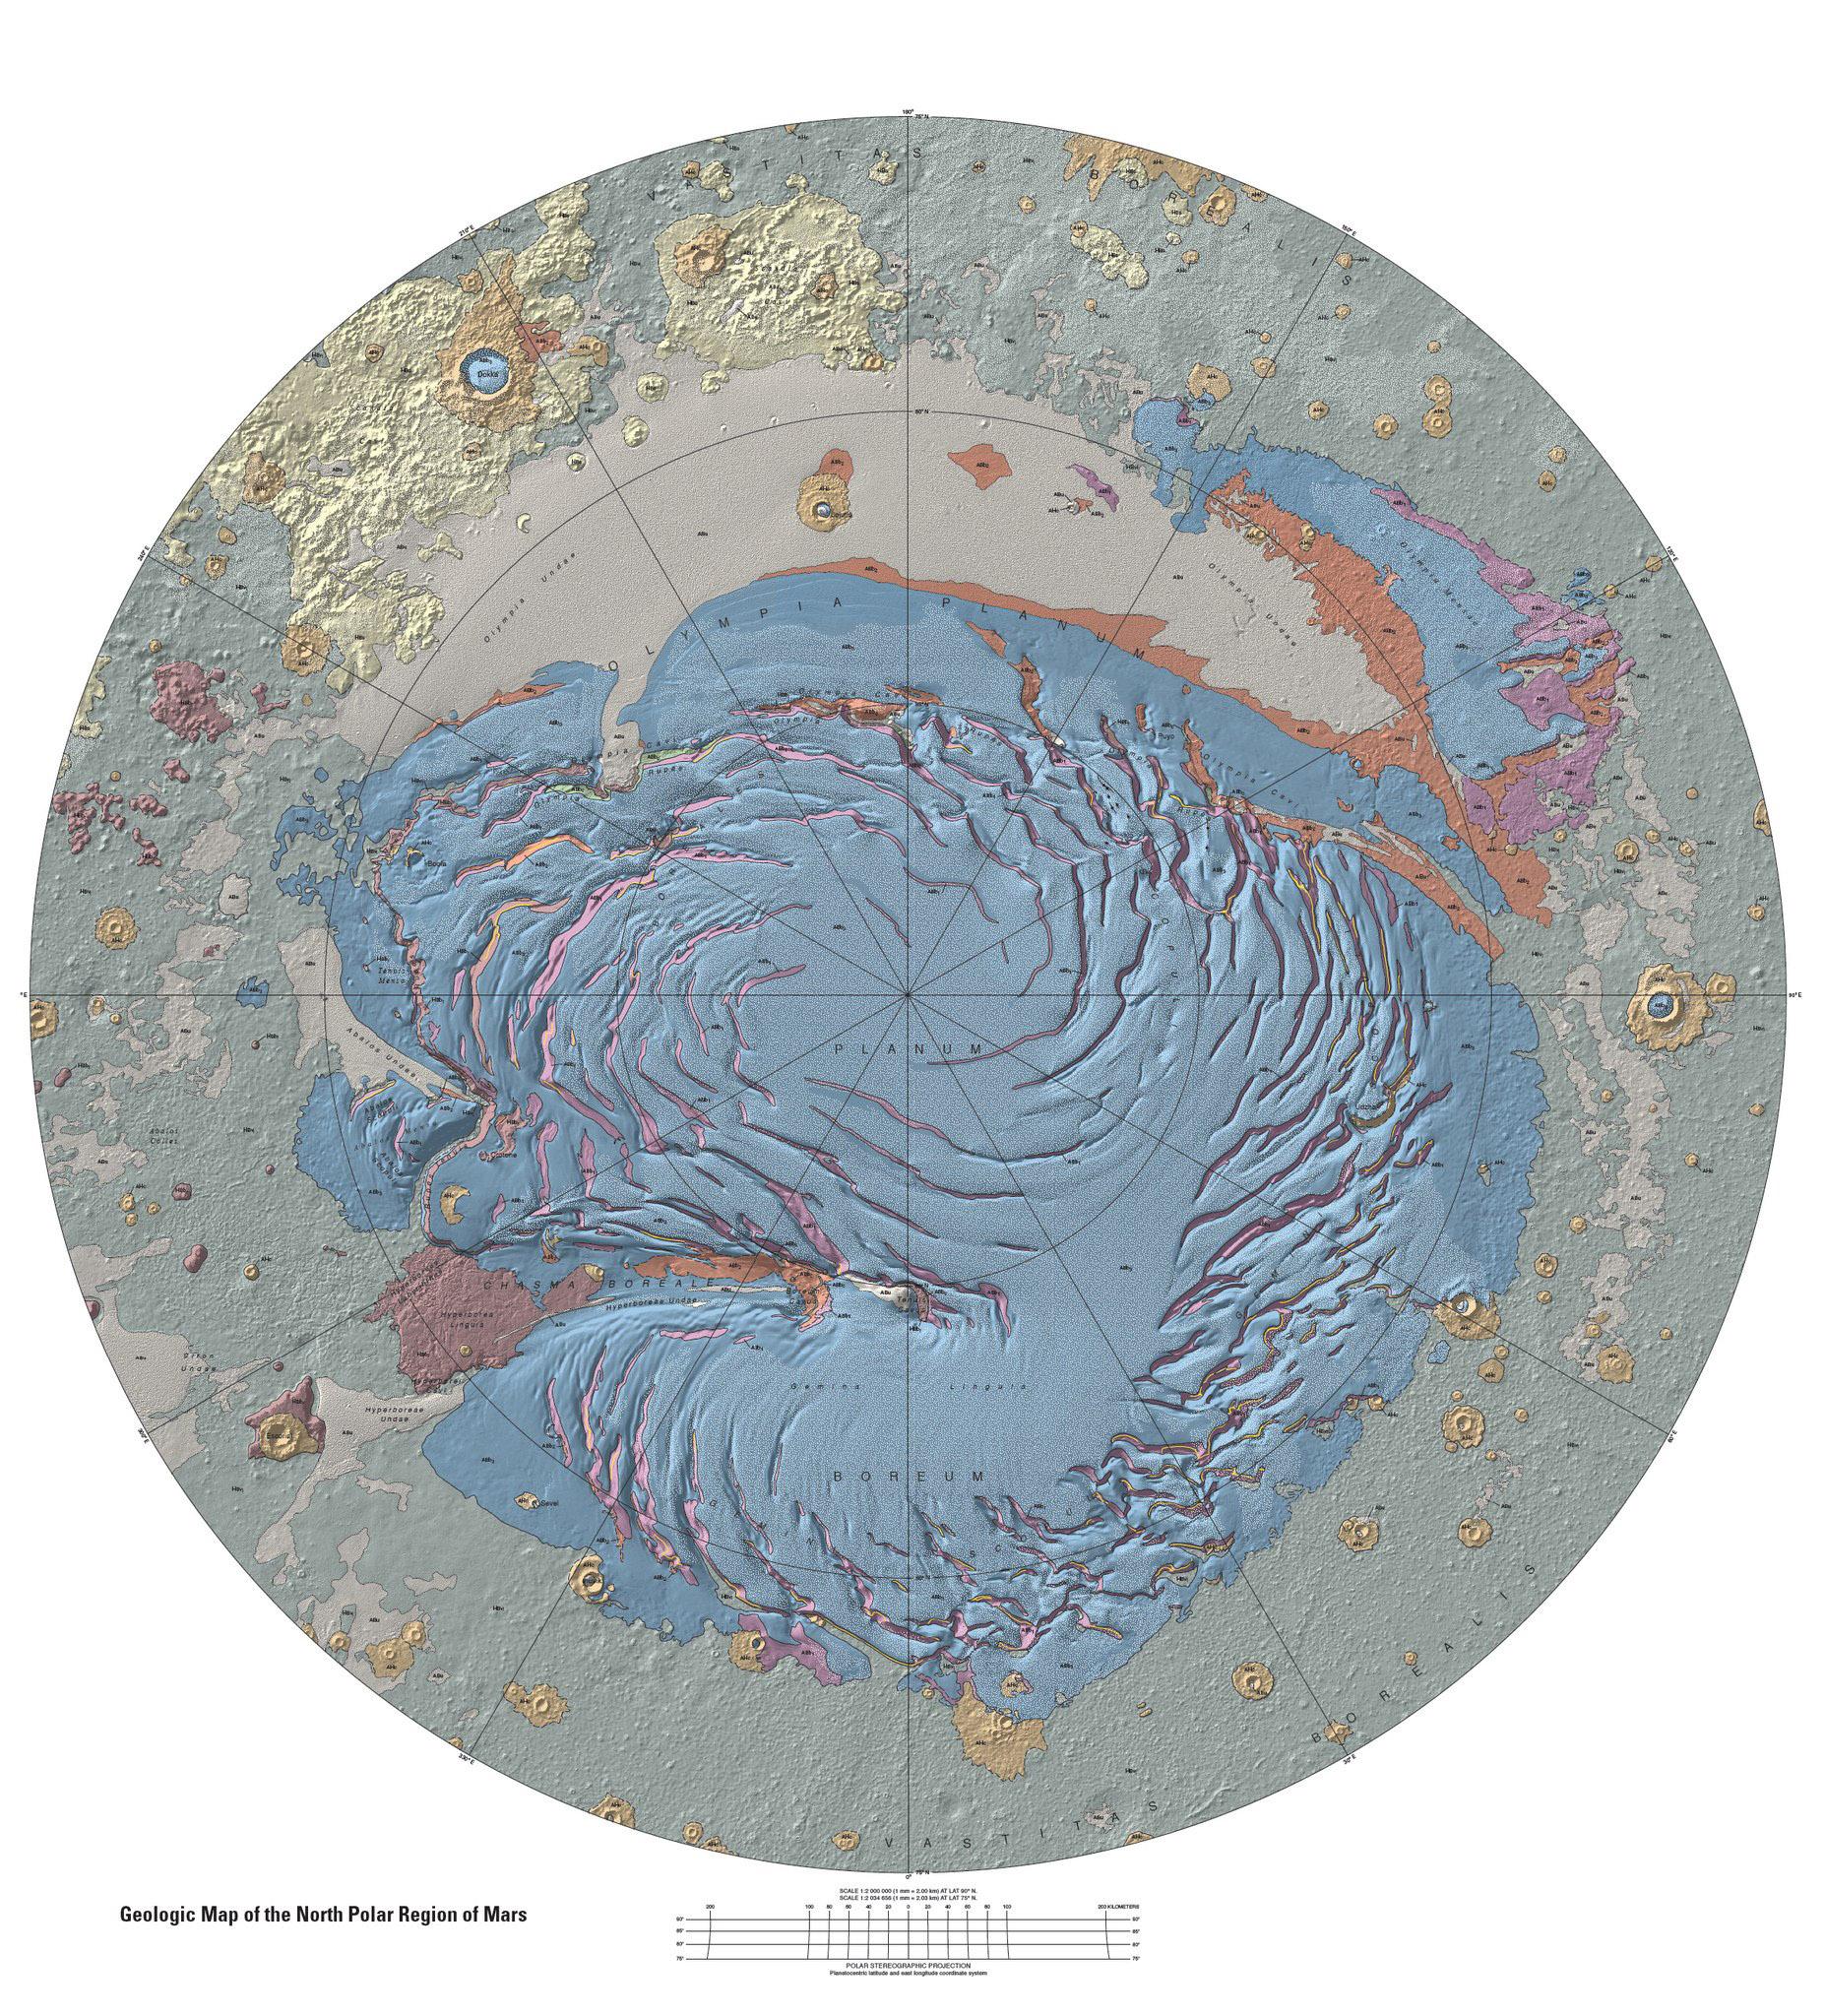 Карта Северного полюса планеты